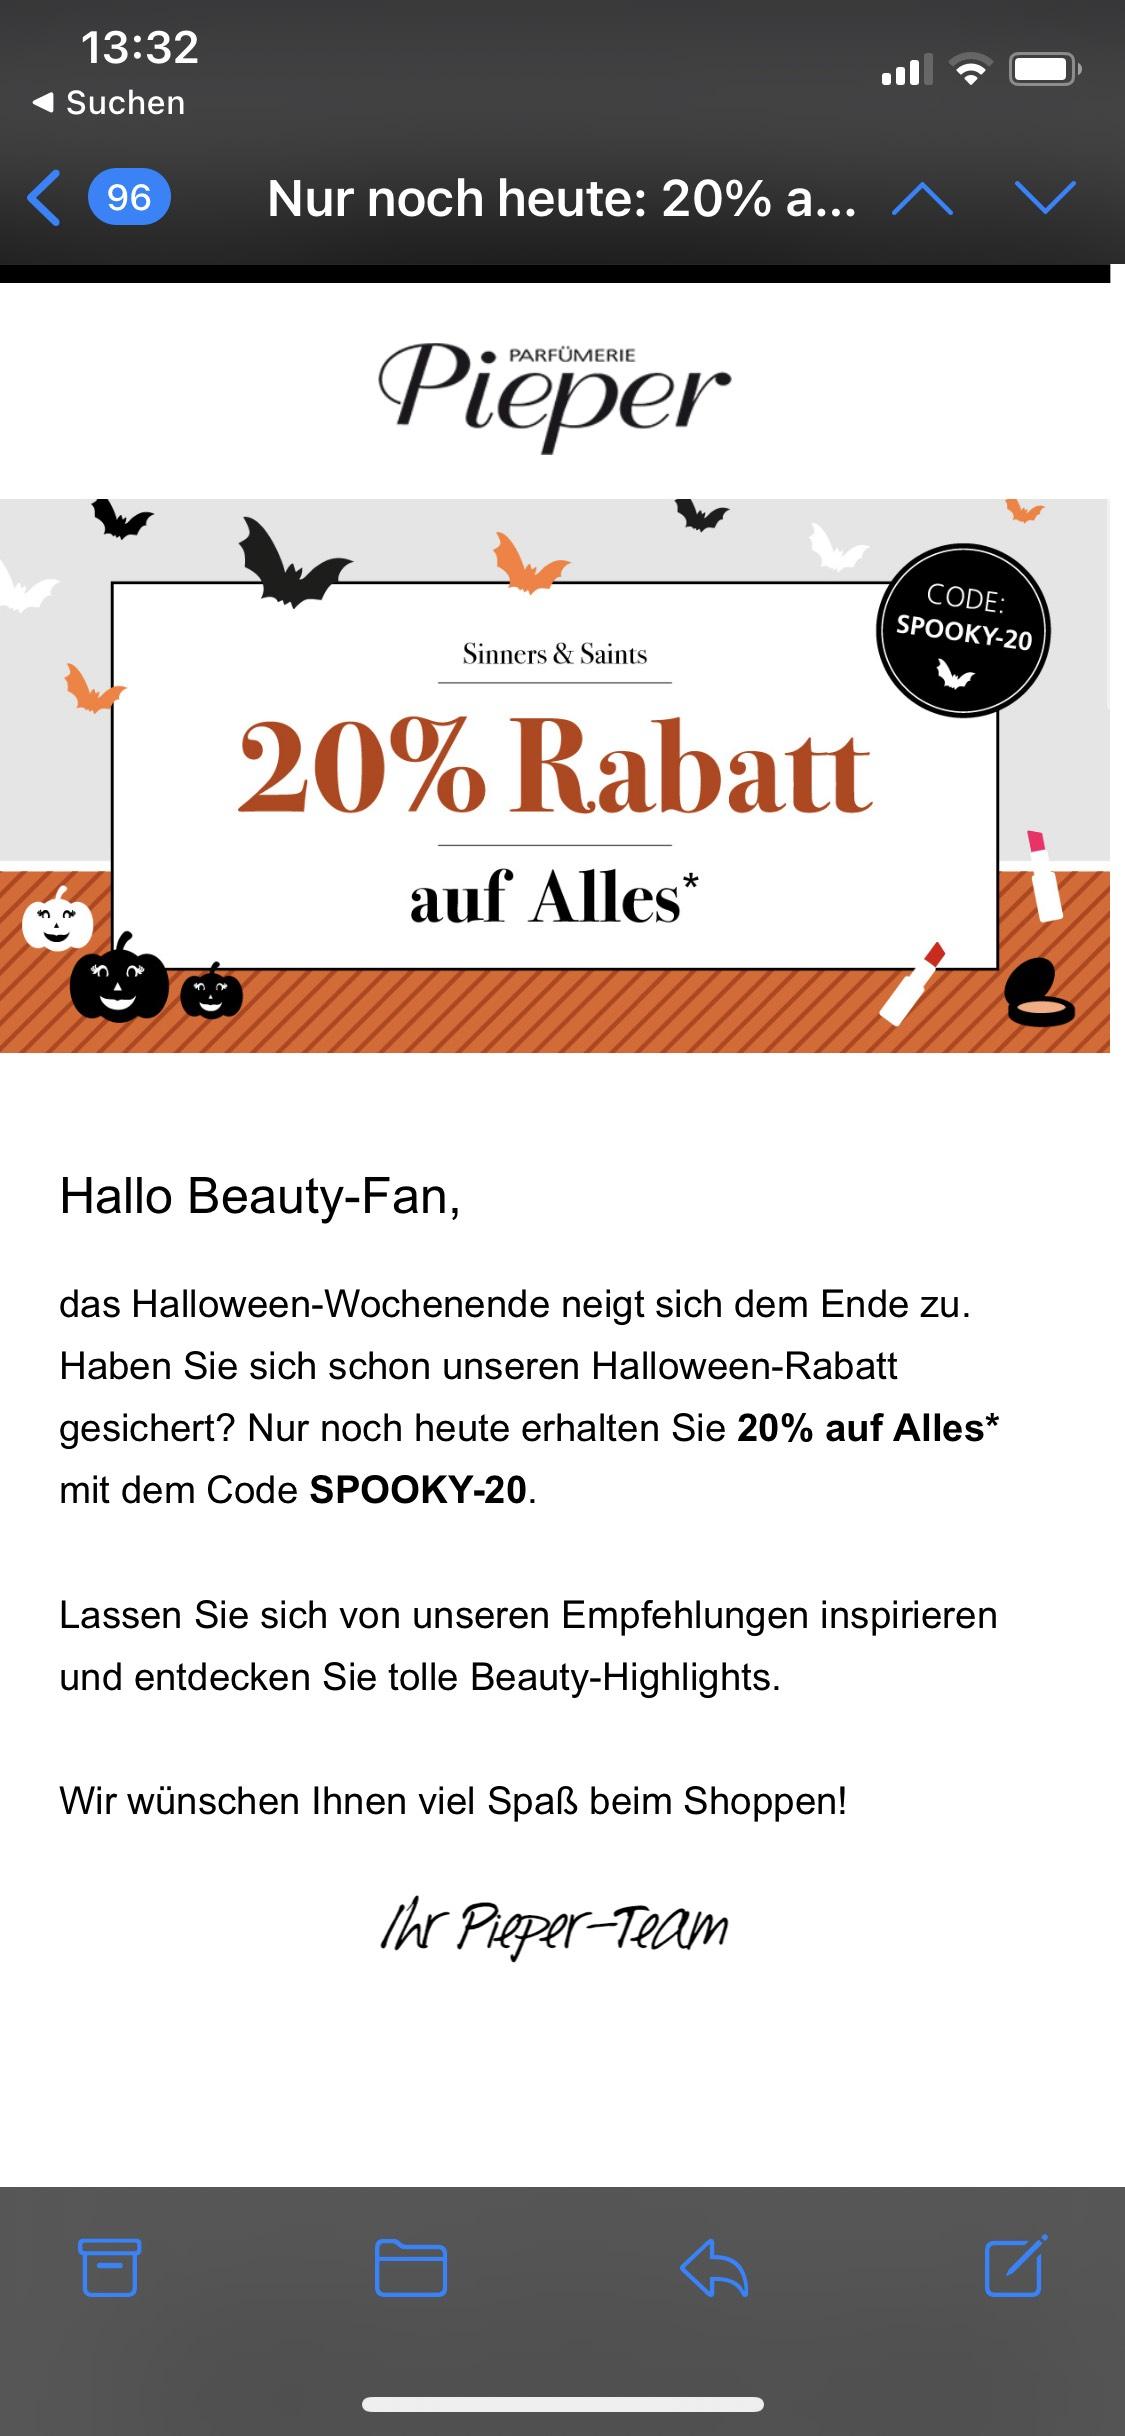 Parfümerie-Pieper 59€ MBW 20% auf nicht Sale Artikel